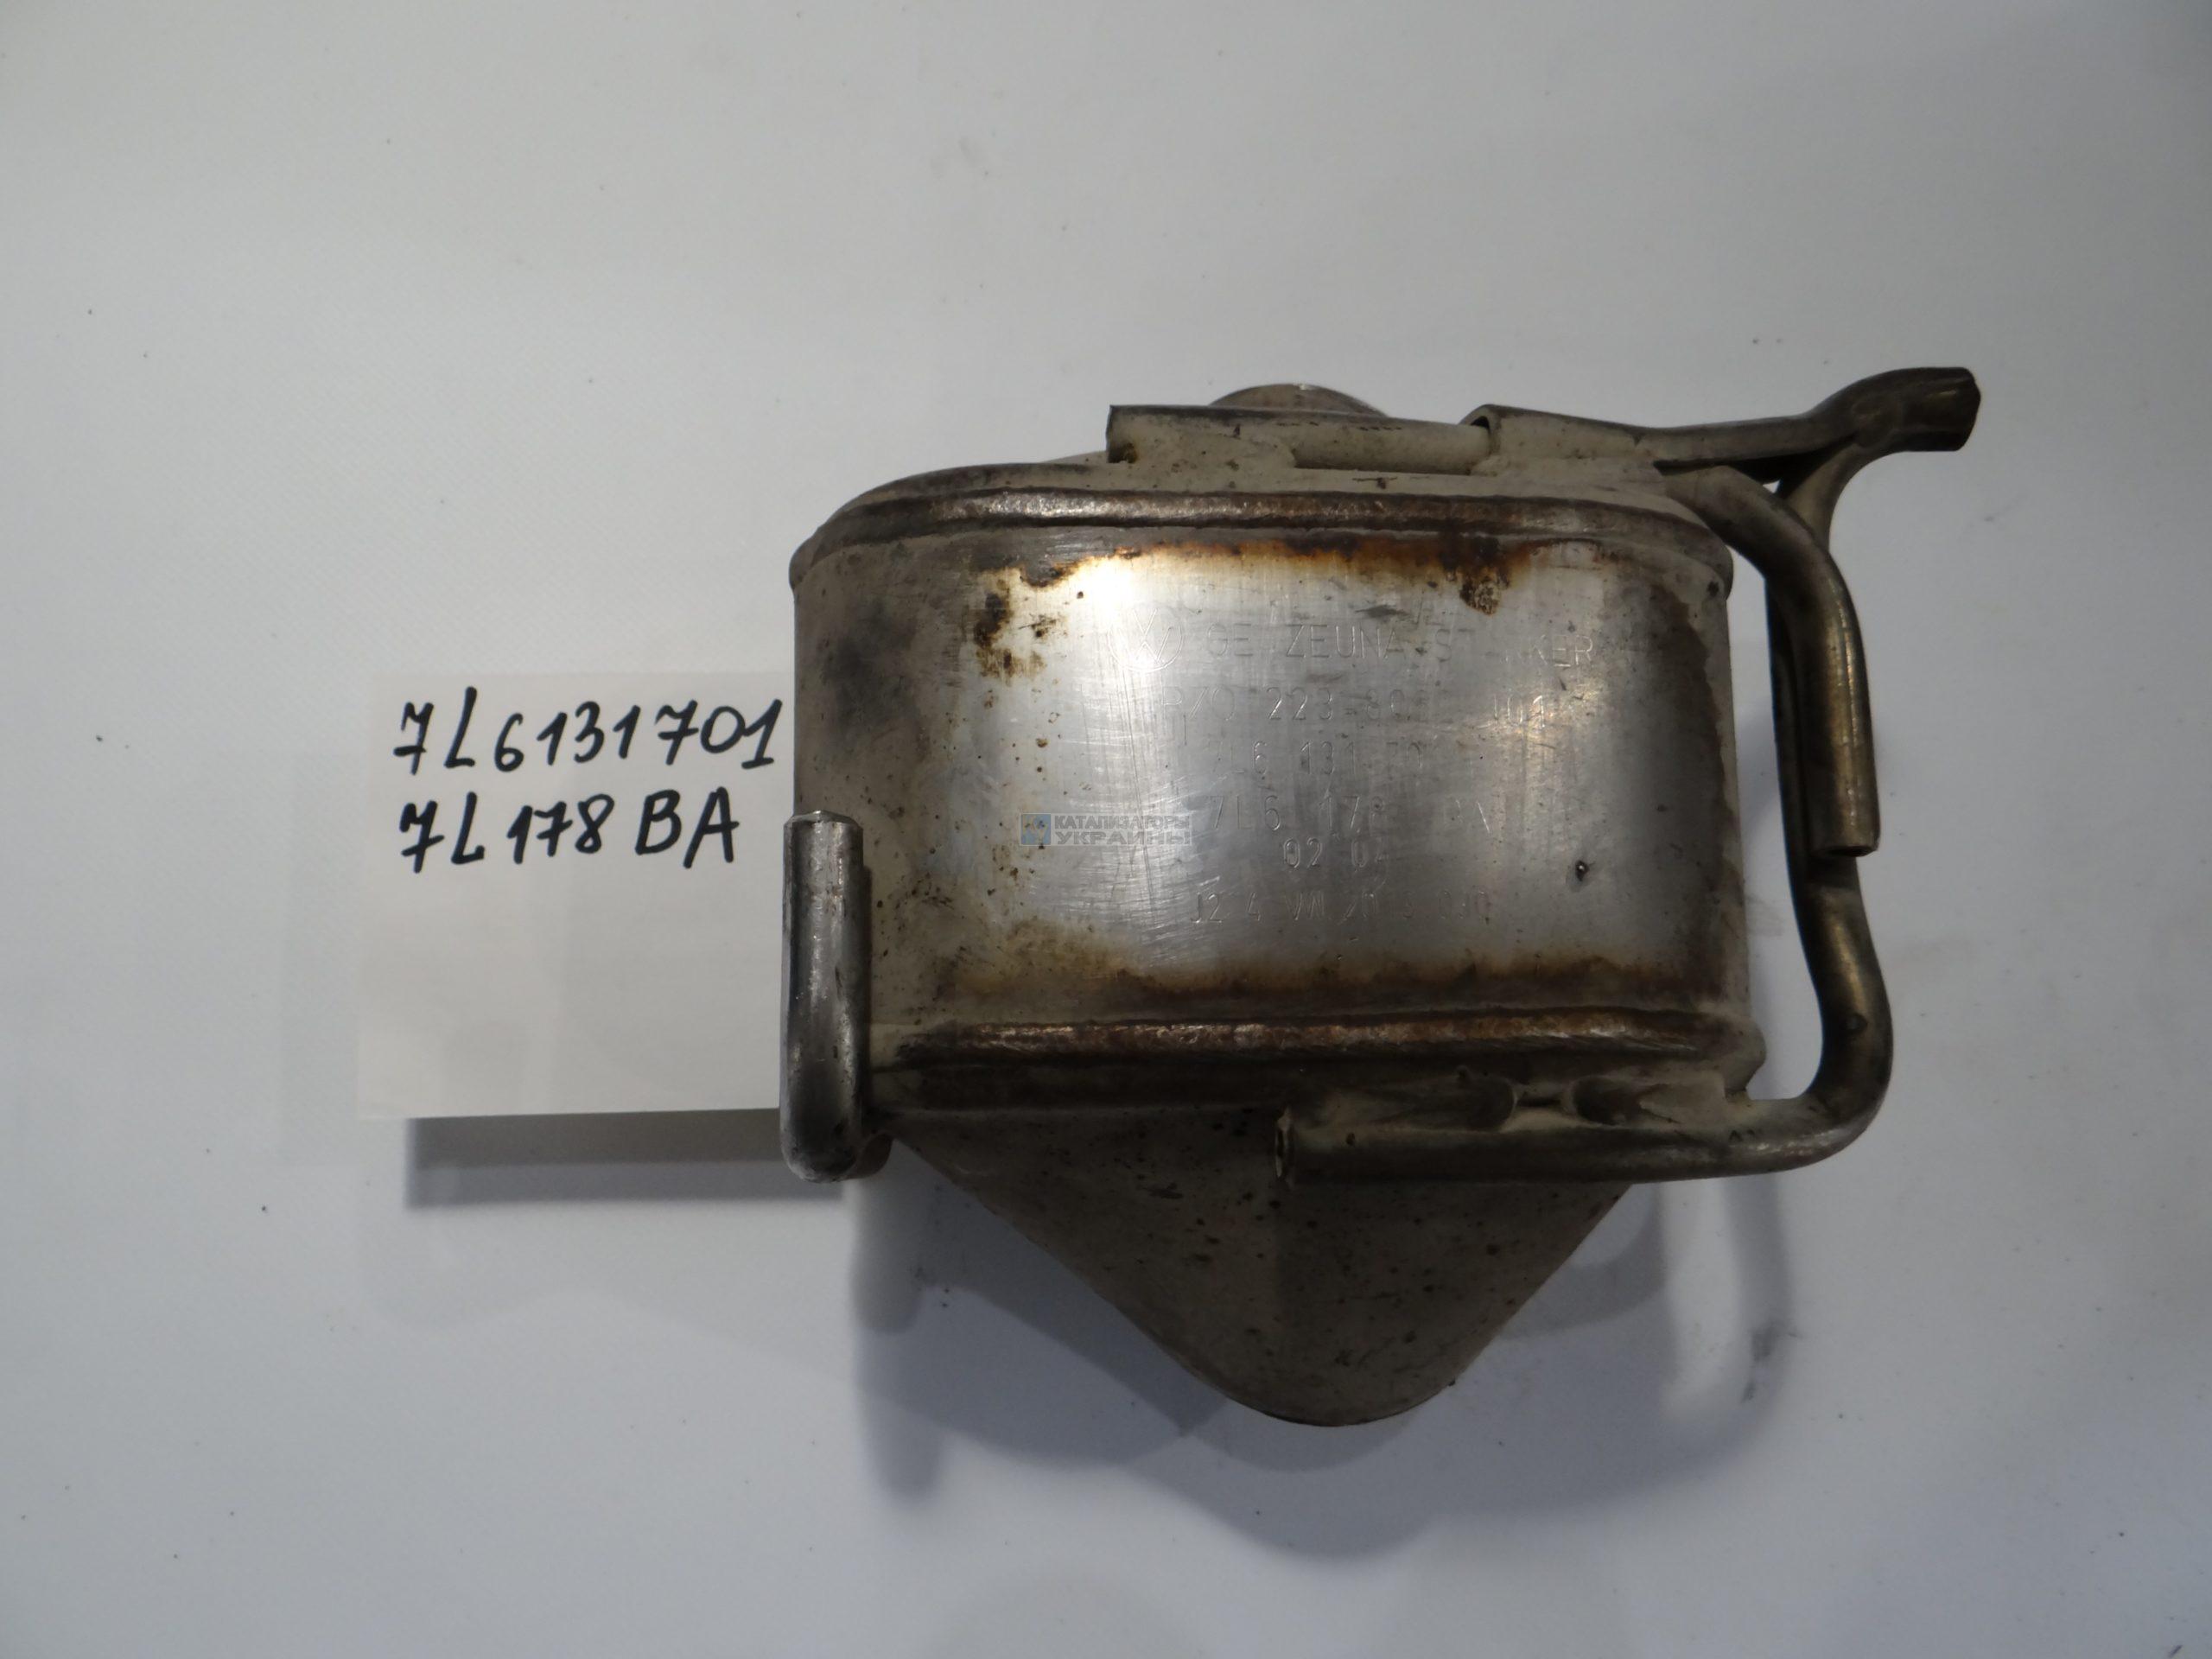 Скупка и выкуп БУ катализаторов — маркировка: 7L6131701, 7L178BA